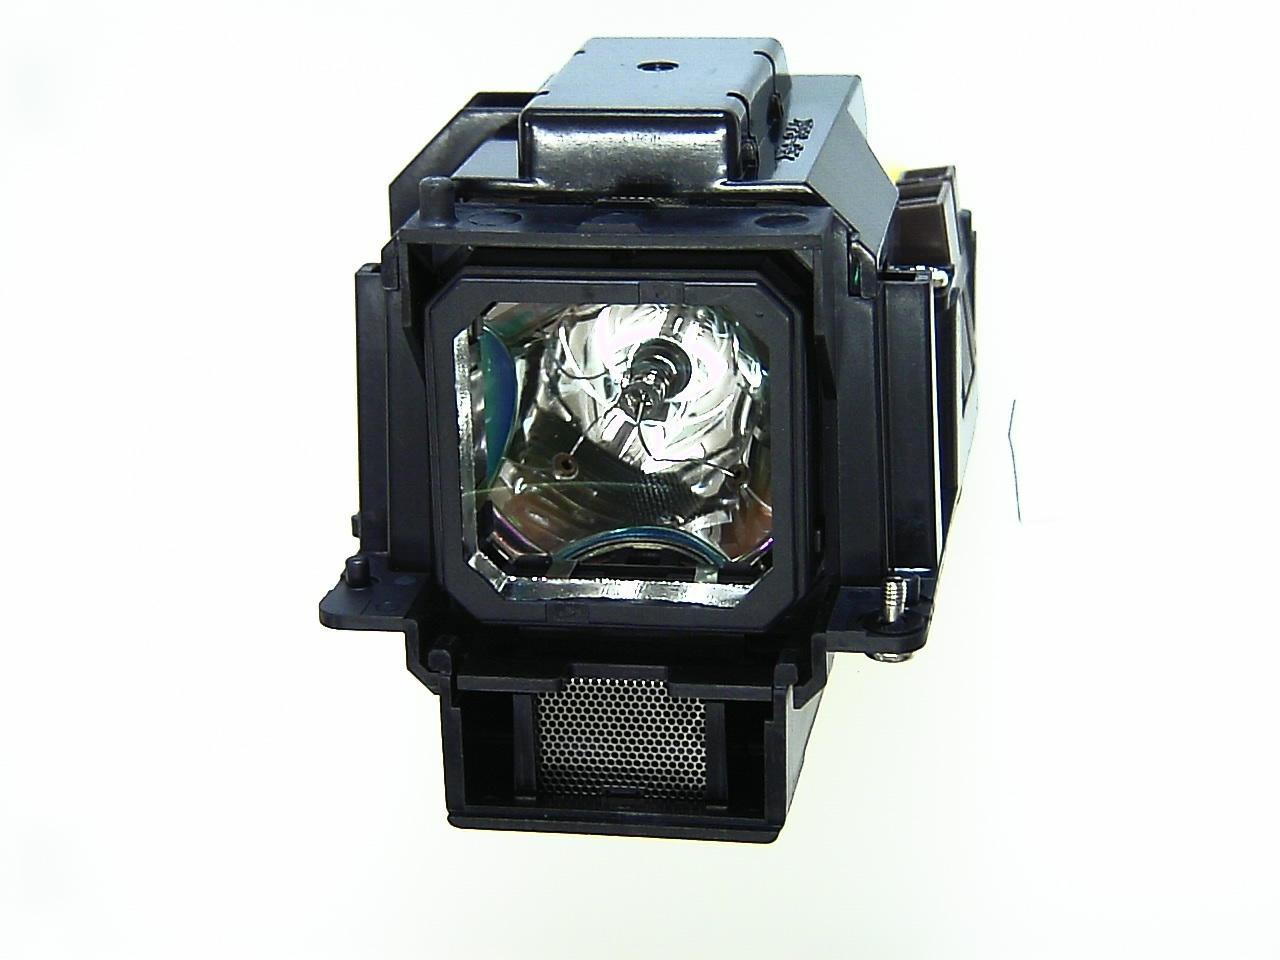 Lámpara NEC LT380